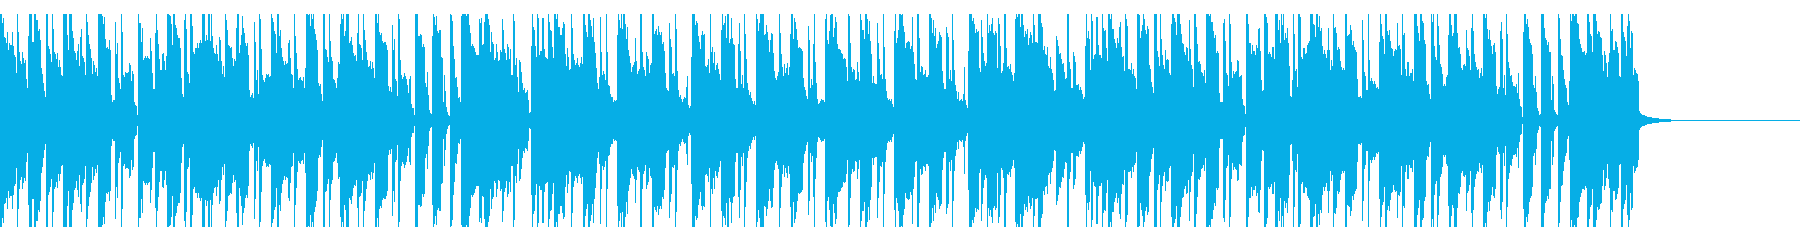 日常のほのぼのしたシーンに合うユルい曲調の再生済みの波形